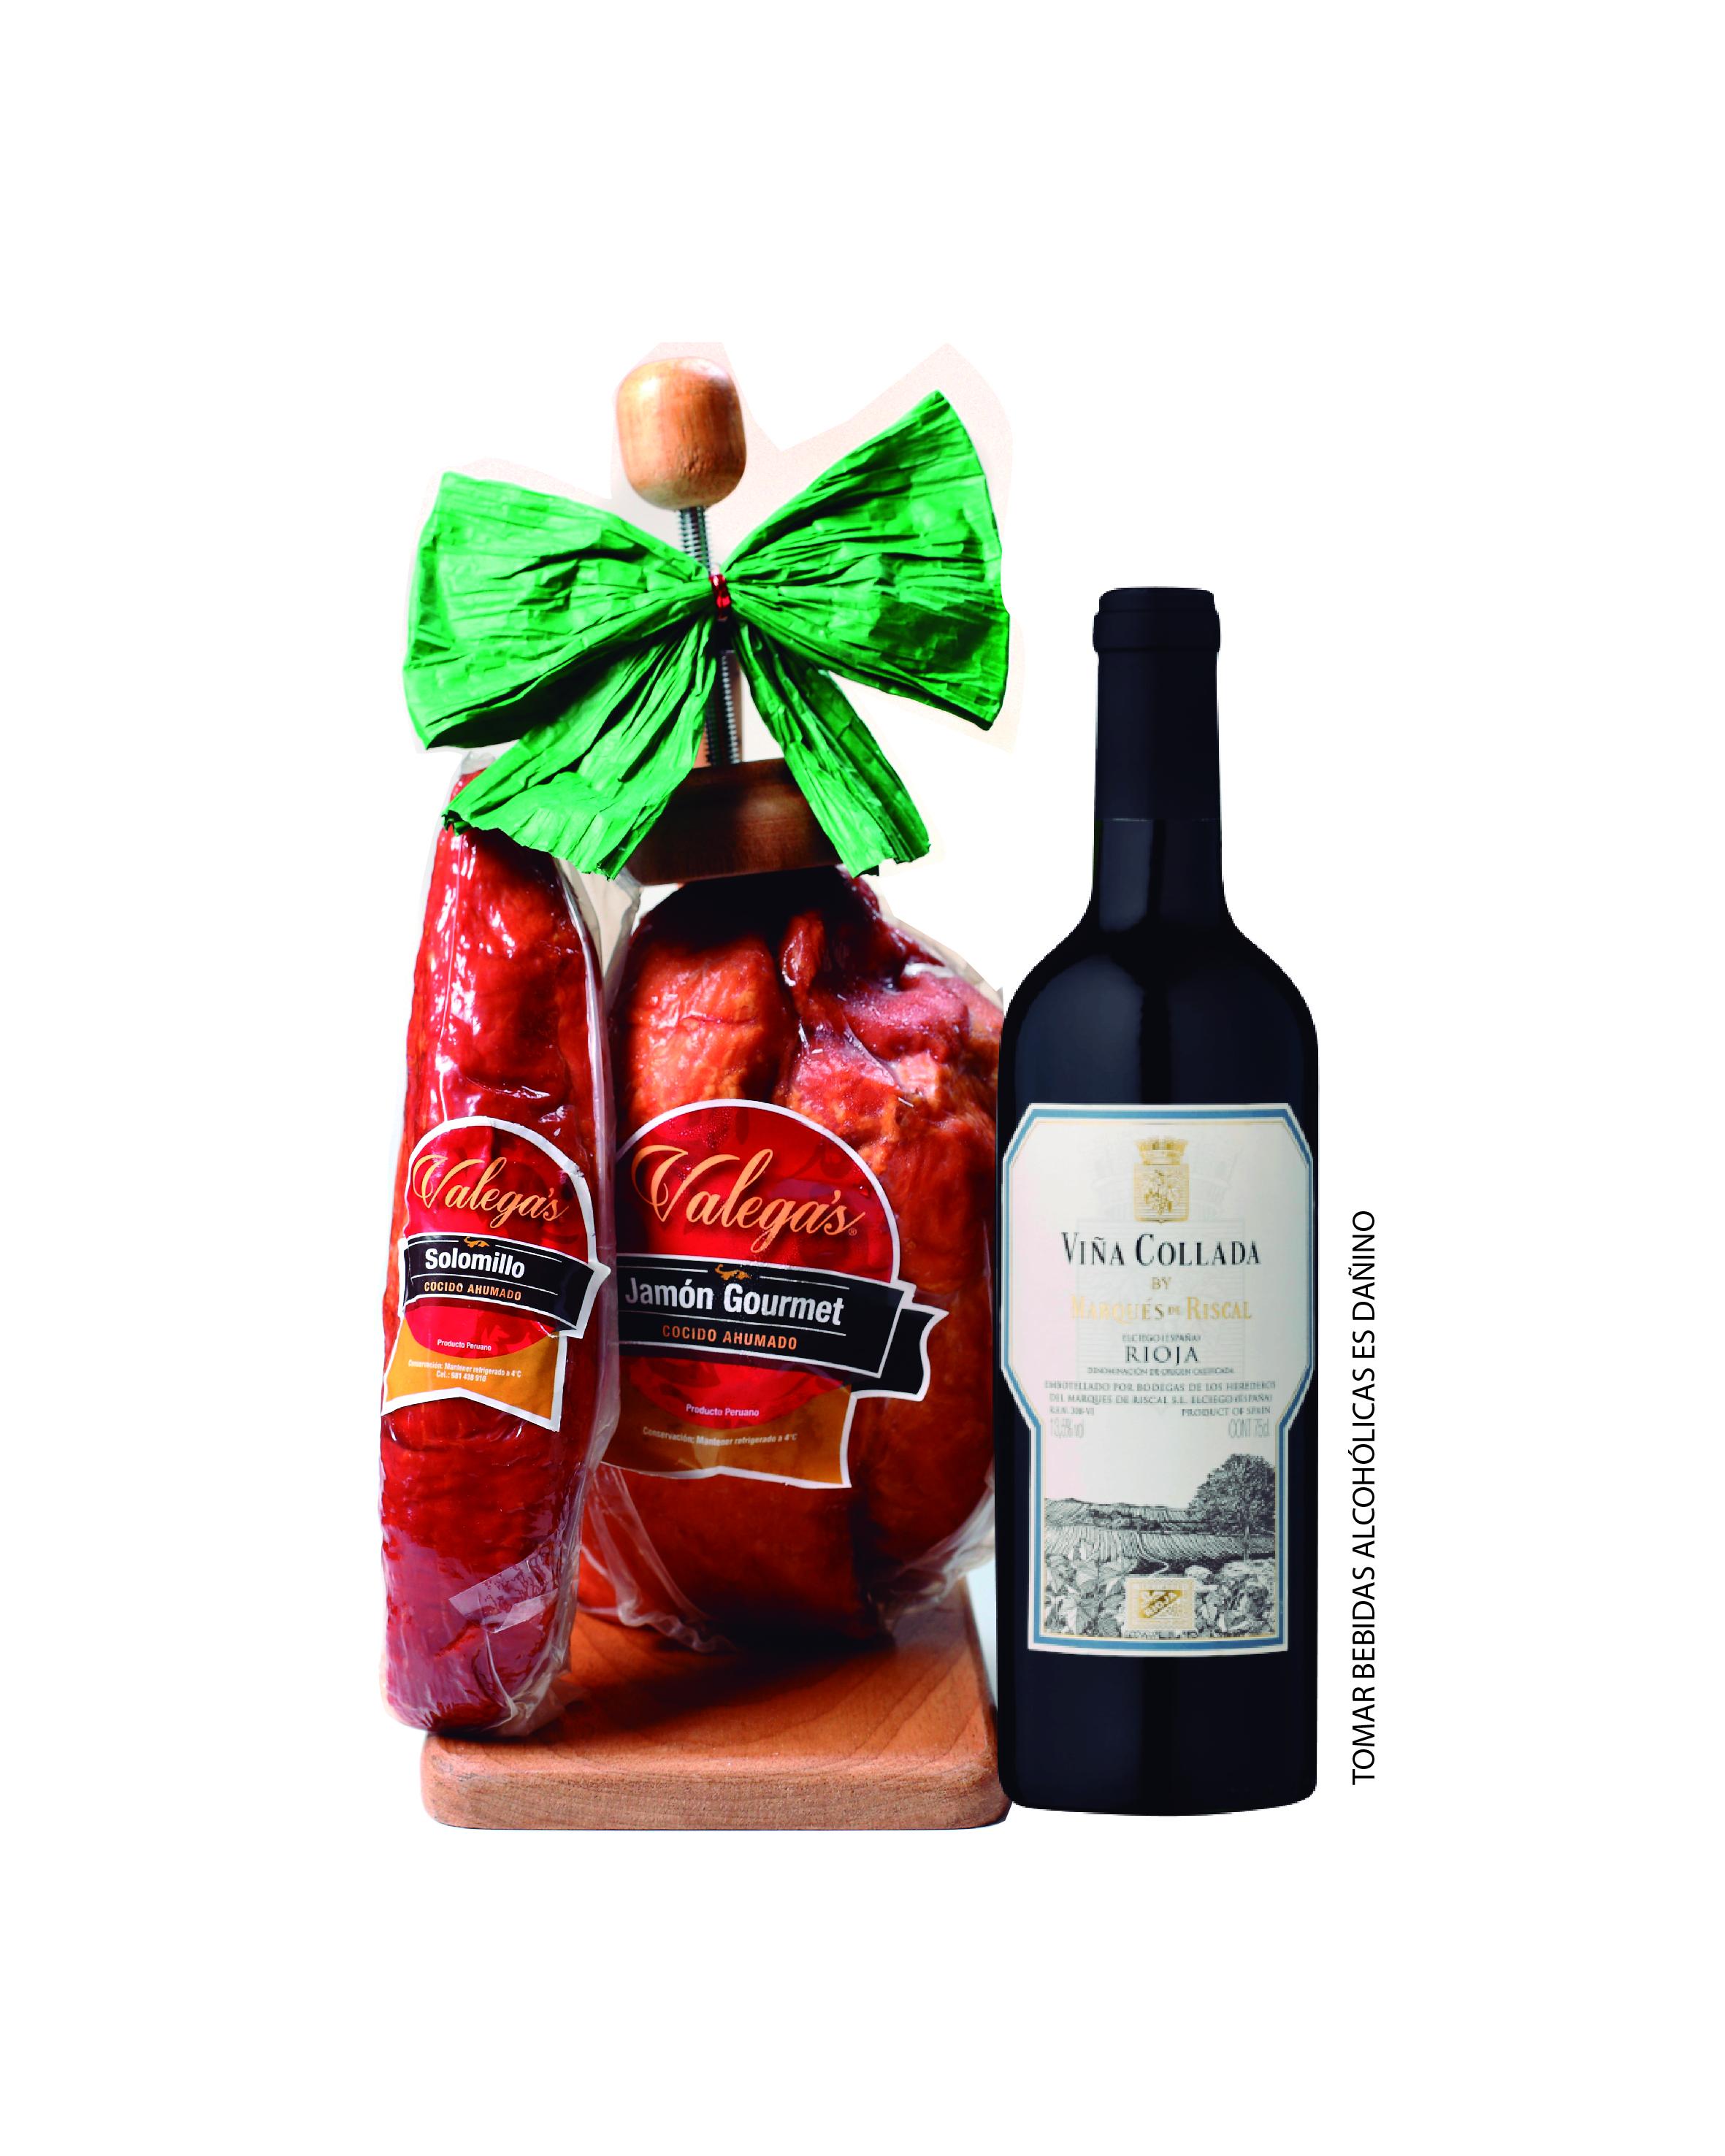 Jamón Gourmet de 2.7kg con parador de madera acompañado por un vino Rioja de Marqués del Riscal y 350gr de solomillo.